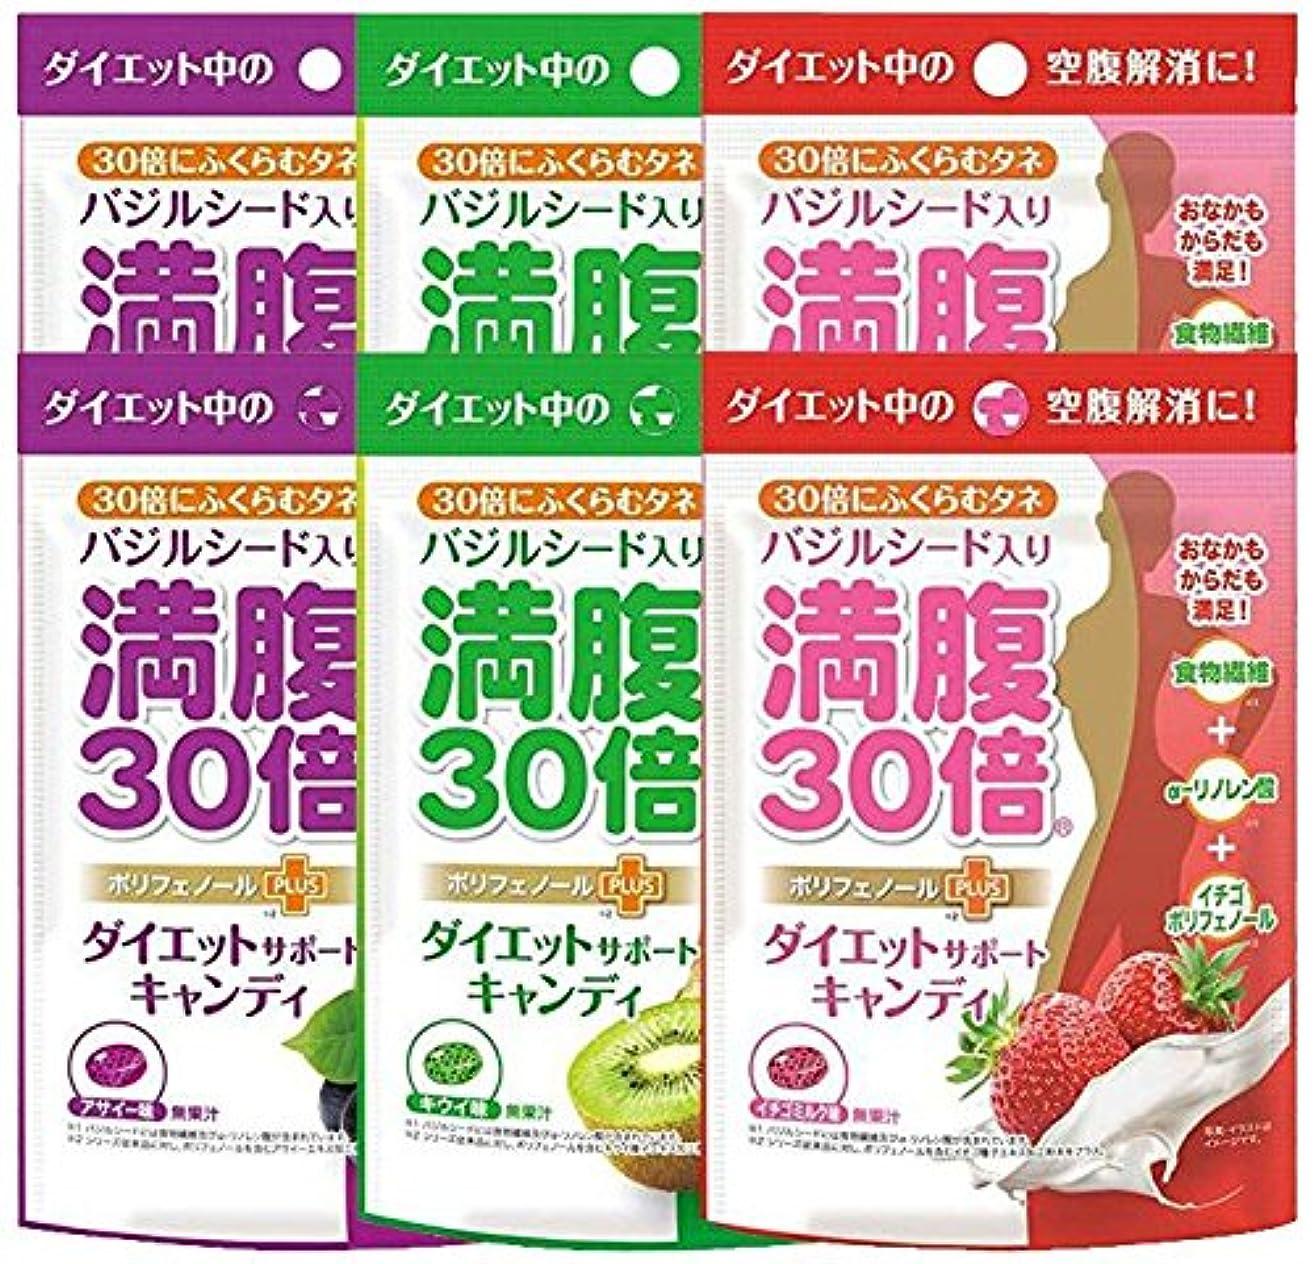 バルブ技術的な手首満腹30倍 ダイエットサポートキャンディ 3種アソート( アサイー キウイ イチゴミルク 各2袋) 6袋